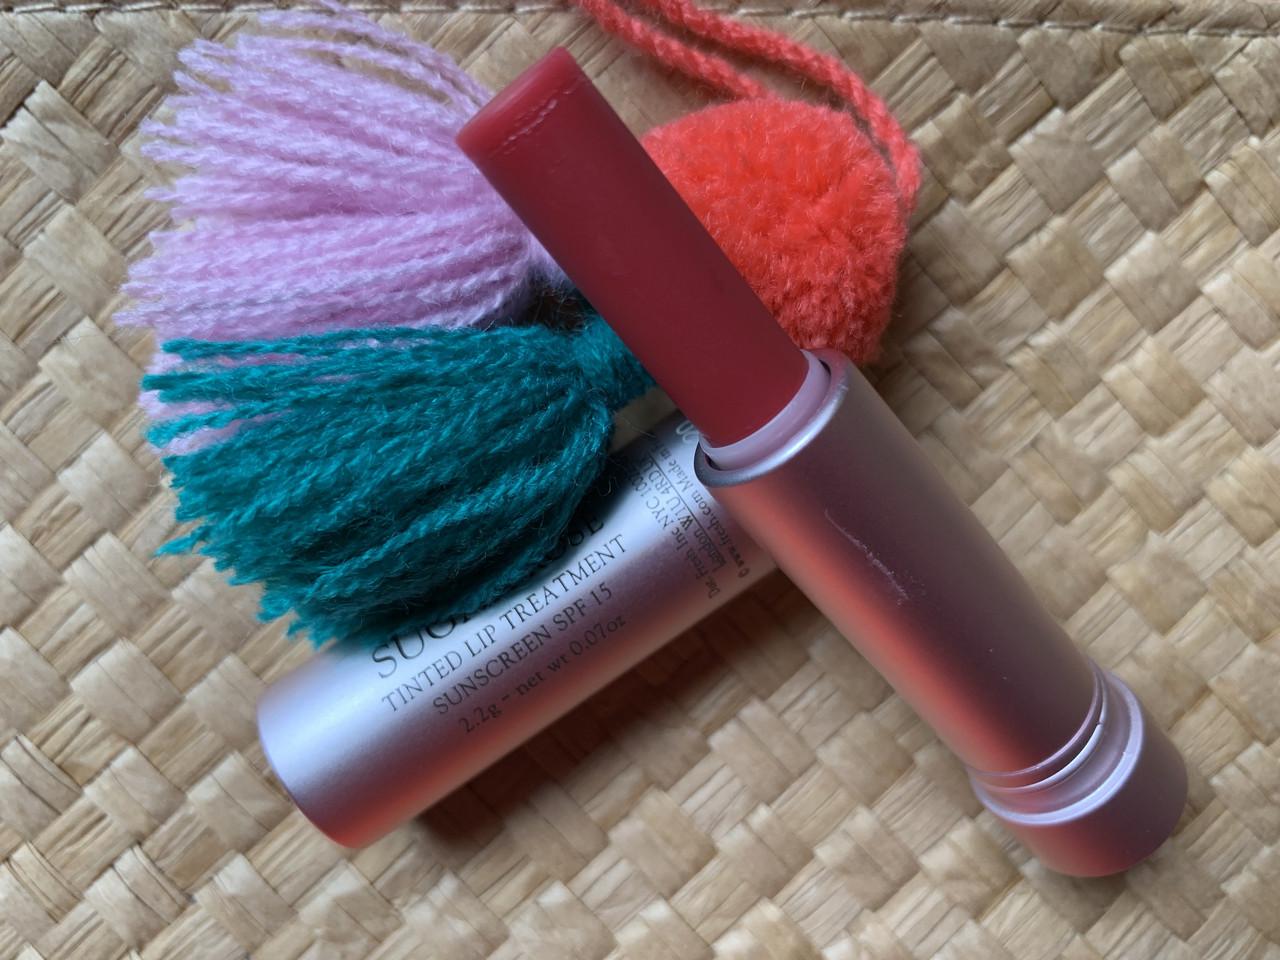 Оттеночный бальзам для губ FRESh Sugar Lip Treatment Sunscreen SPF15